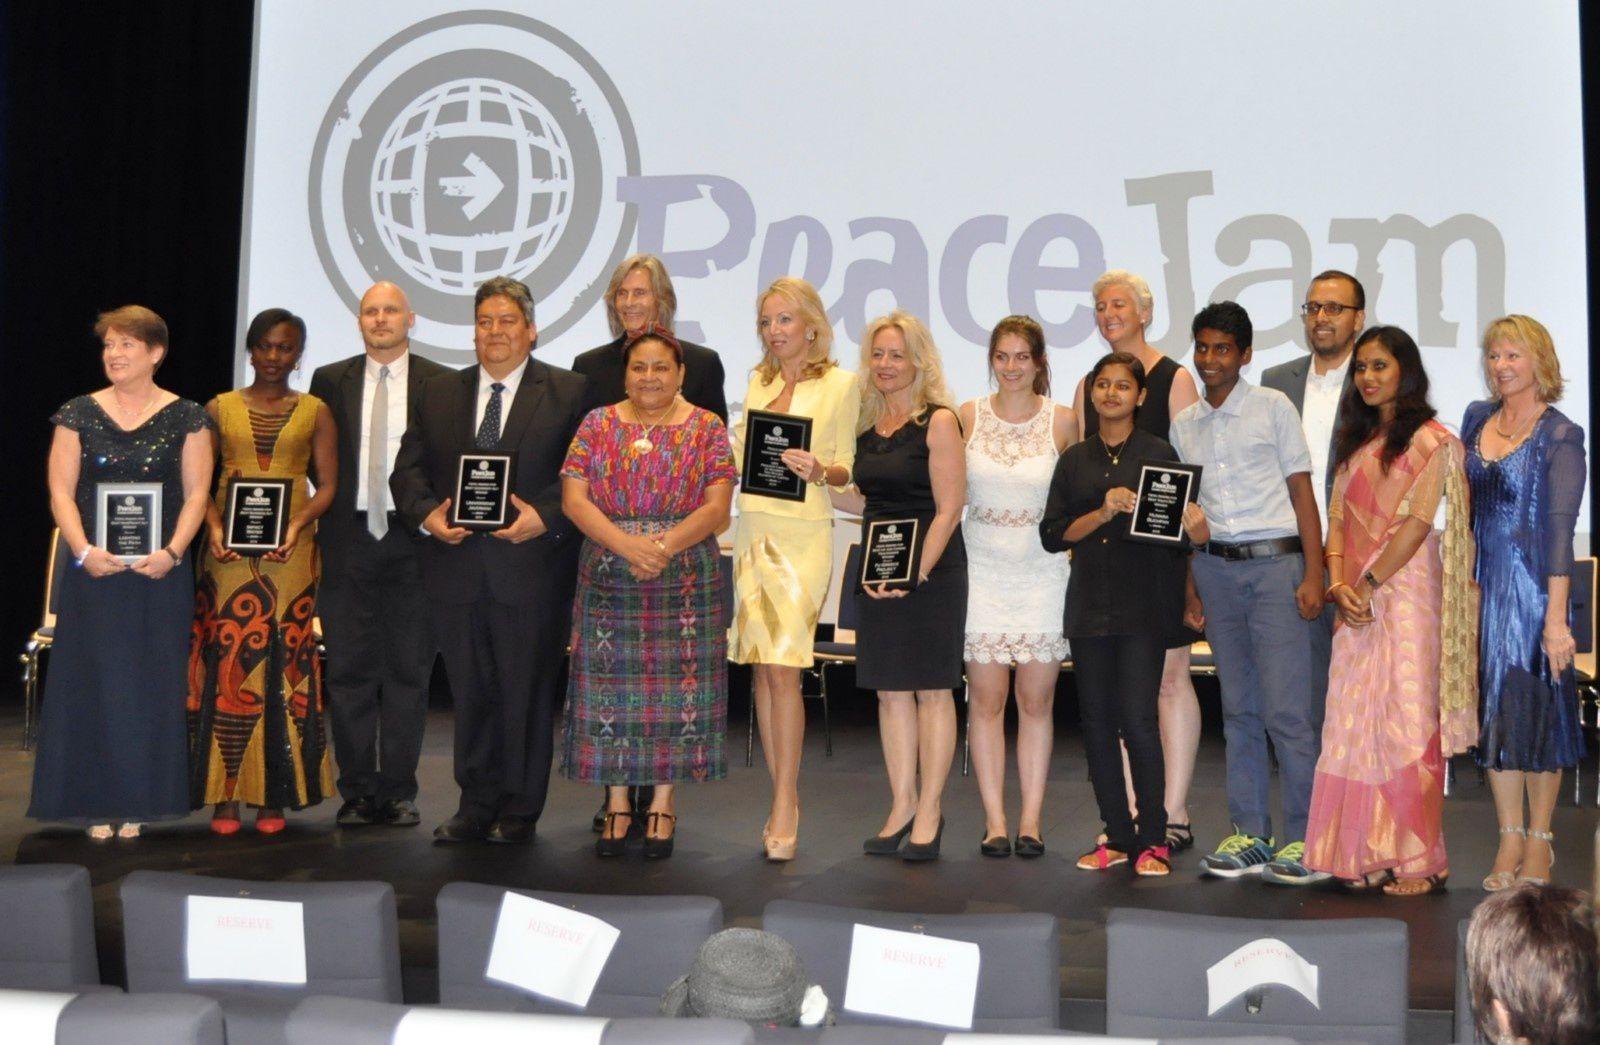 H.R.H Principessa Camilla di Borbone delle Due Sicilie riceve dalle mani del Premio Nobel, Rigoberta Menchu,  il  Peace Jam Visionary Award al Monte Carlo TV Film Festival